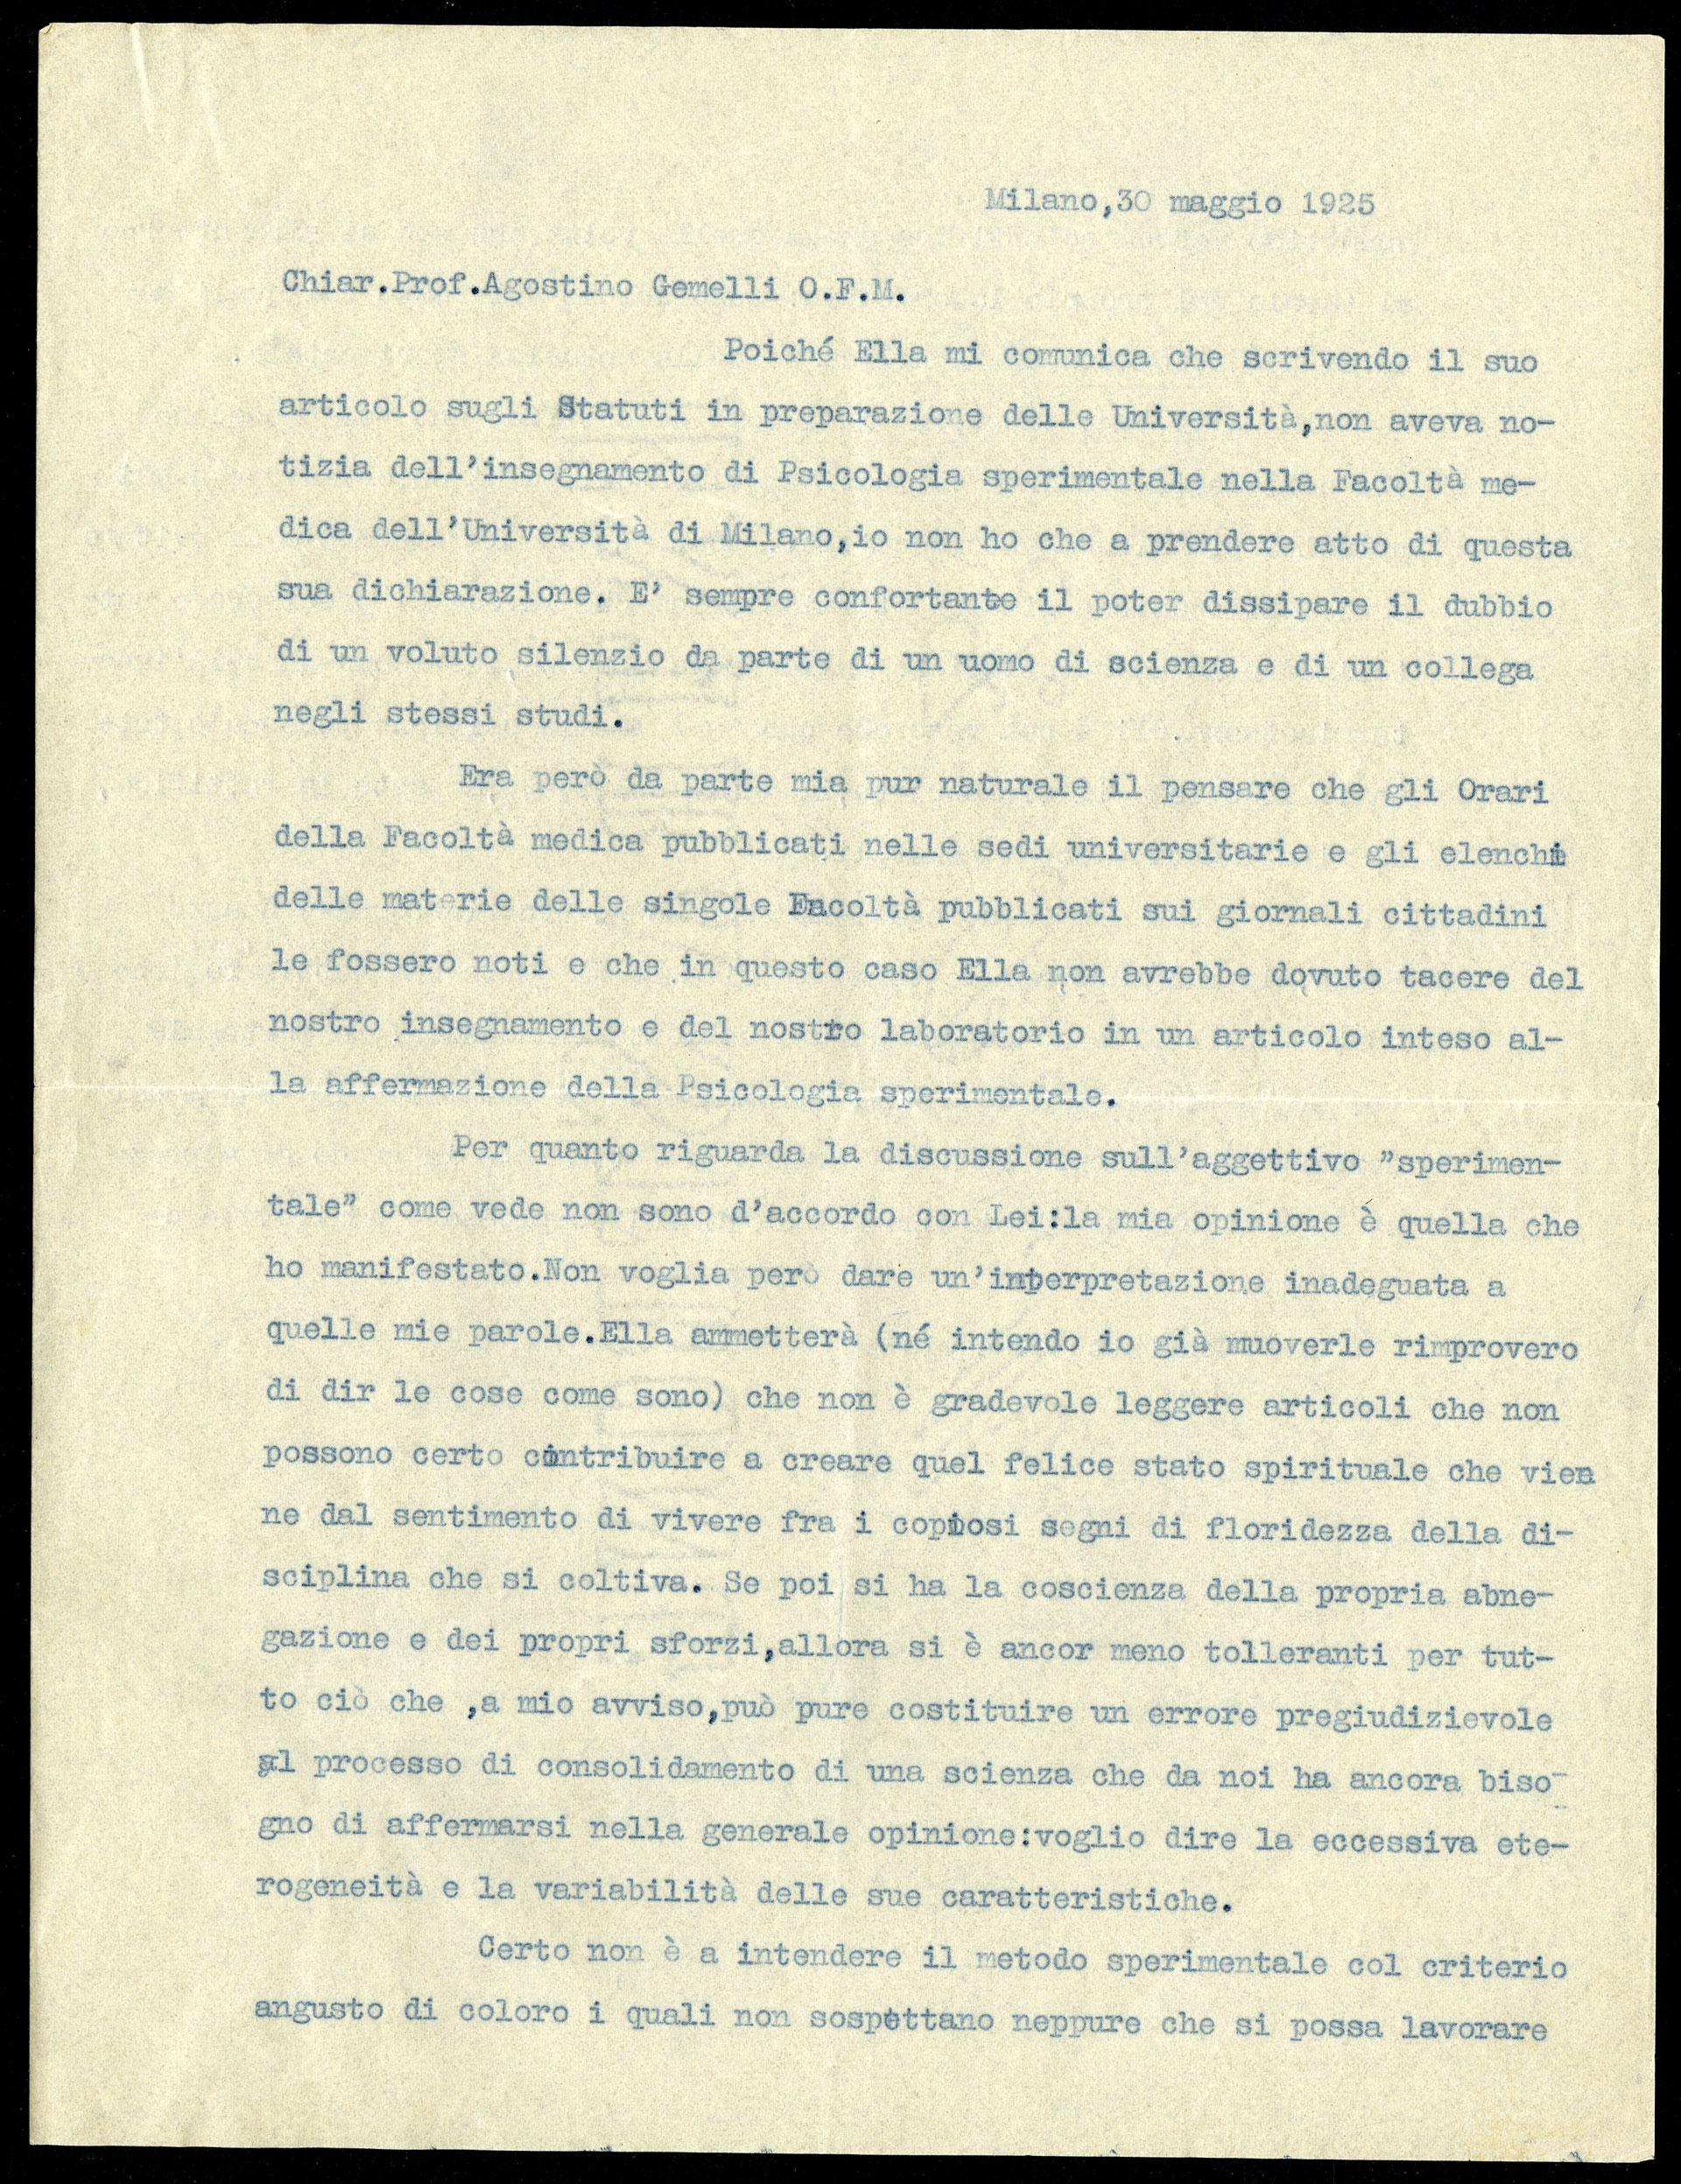 Lettera di Casimiro Doniselli a Agostino Gemelli, 30 maggio 1925